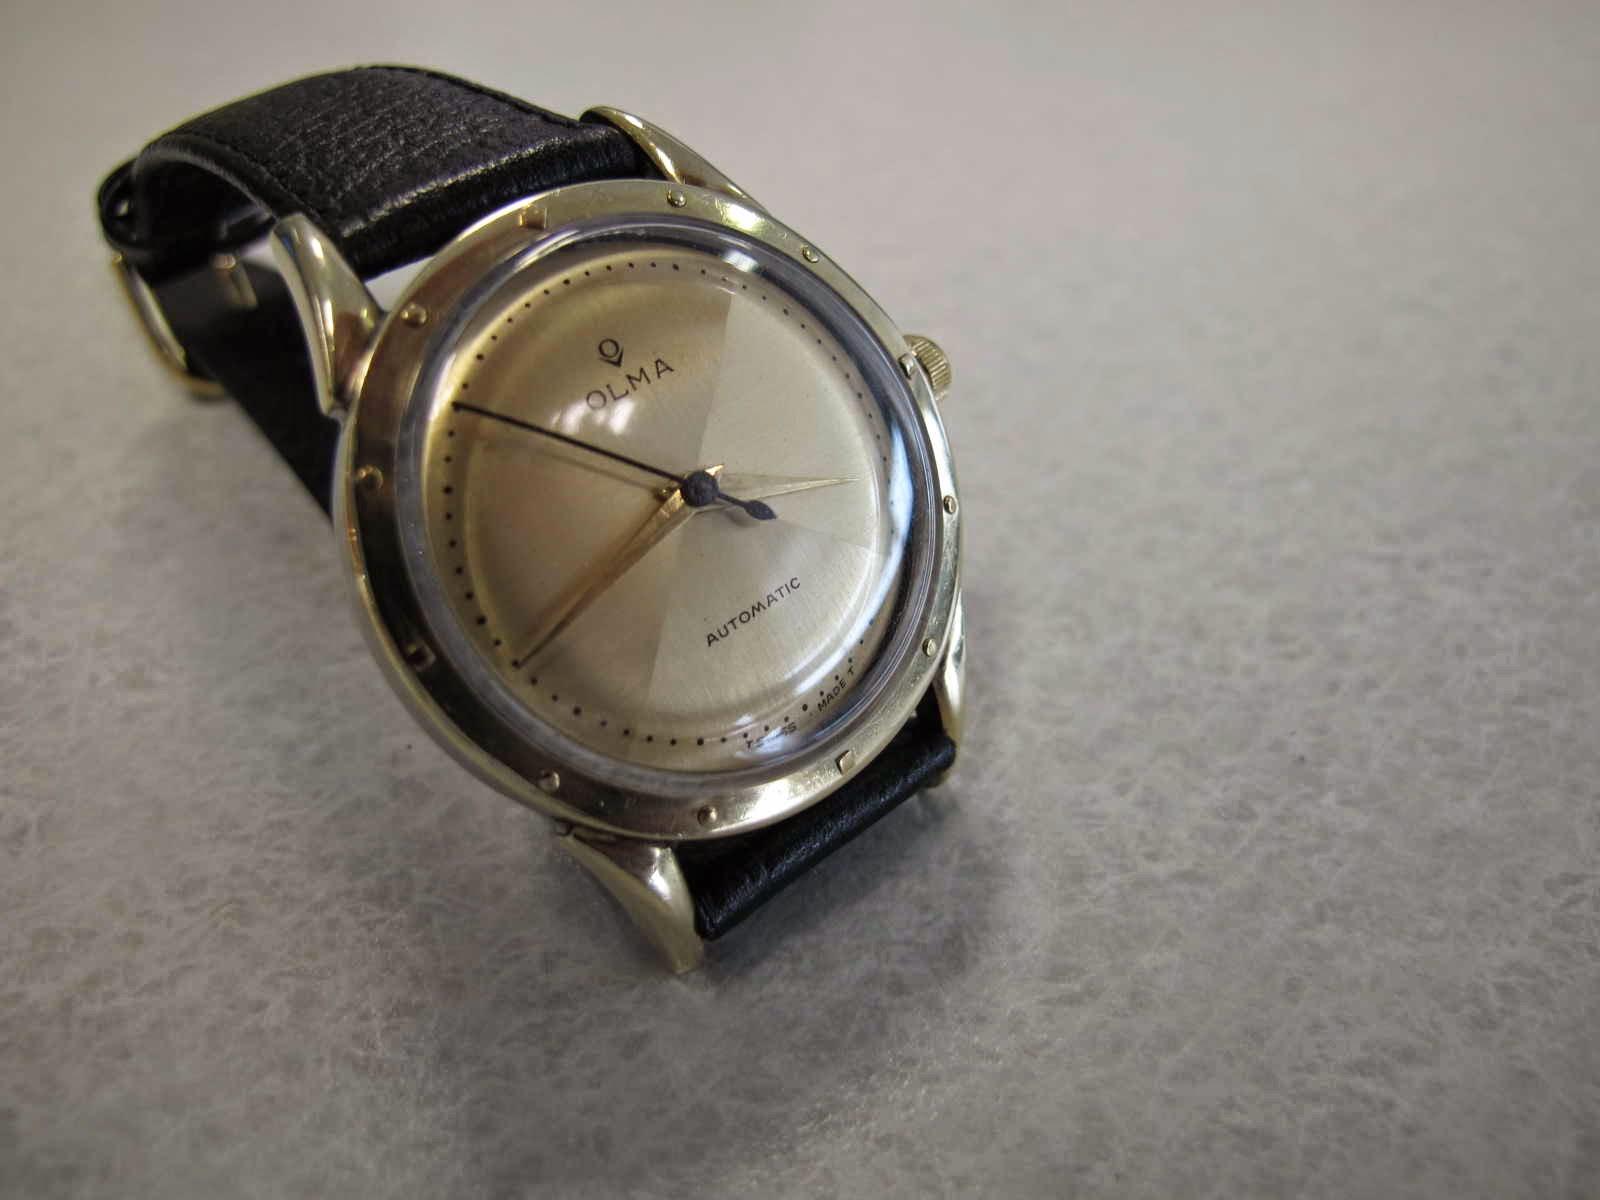 Cocok untuk Anda yang sedang mencari jam tangan GOLD TOP brand OLMA dengan harga tipe Gold TOp yang masih terjangkau